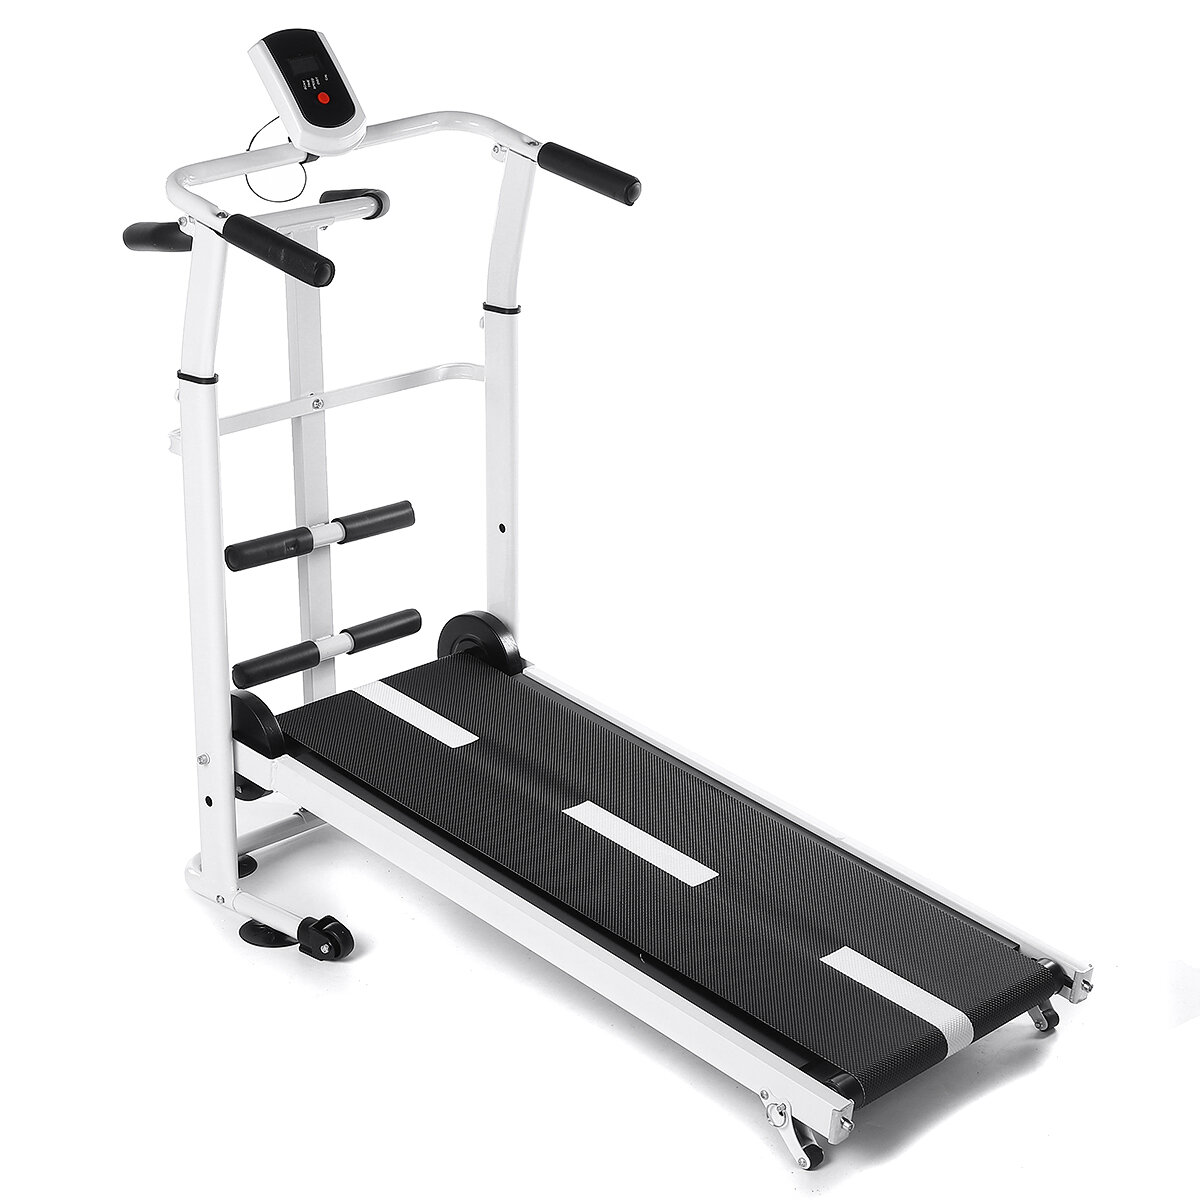 Folding Treadmill Mini Running Walking Jogging Machine with LCD Display Portability Wheels Max Load 150kg